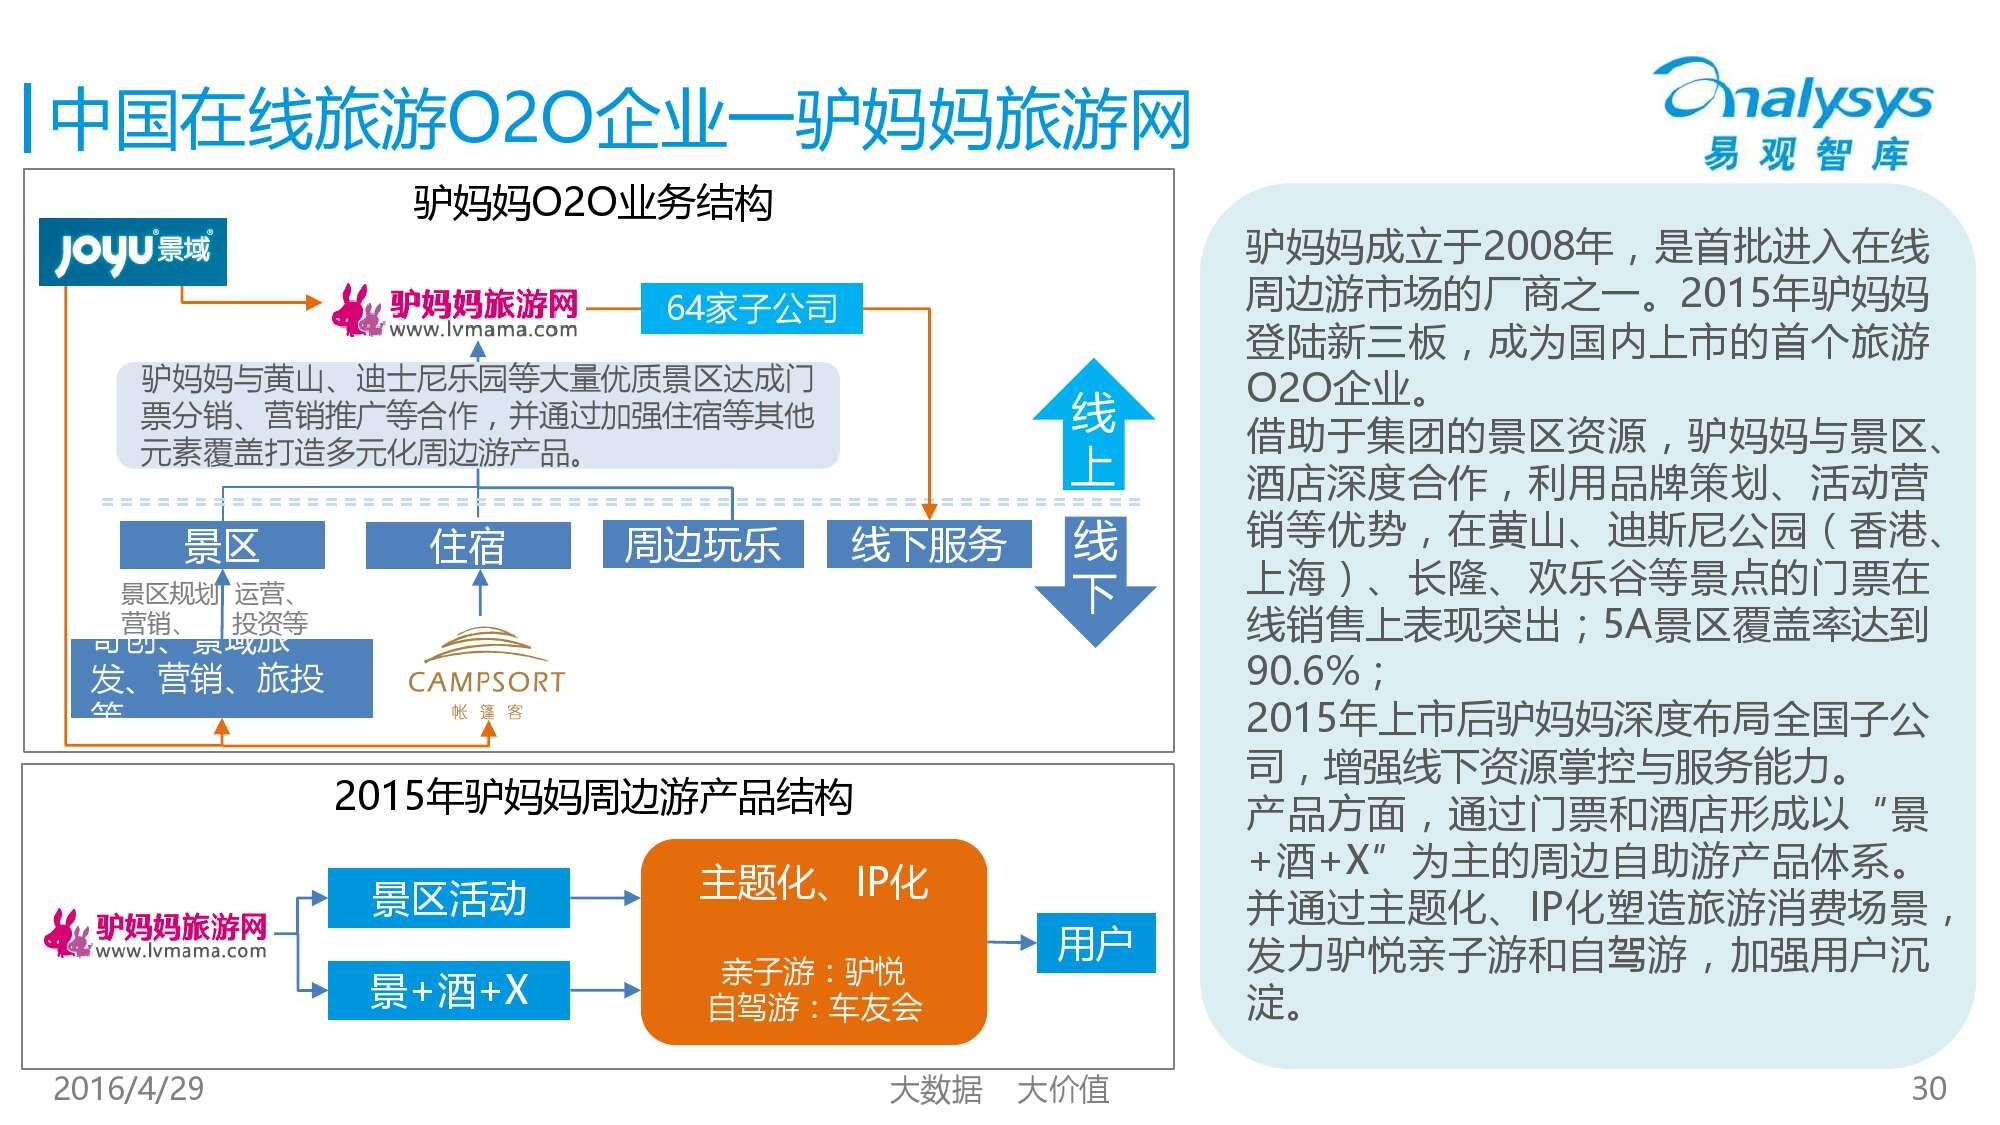 中国在线周边自助游市场专题研究报告2016_000030